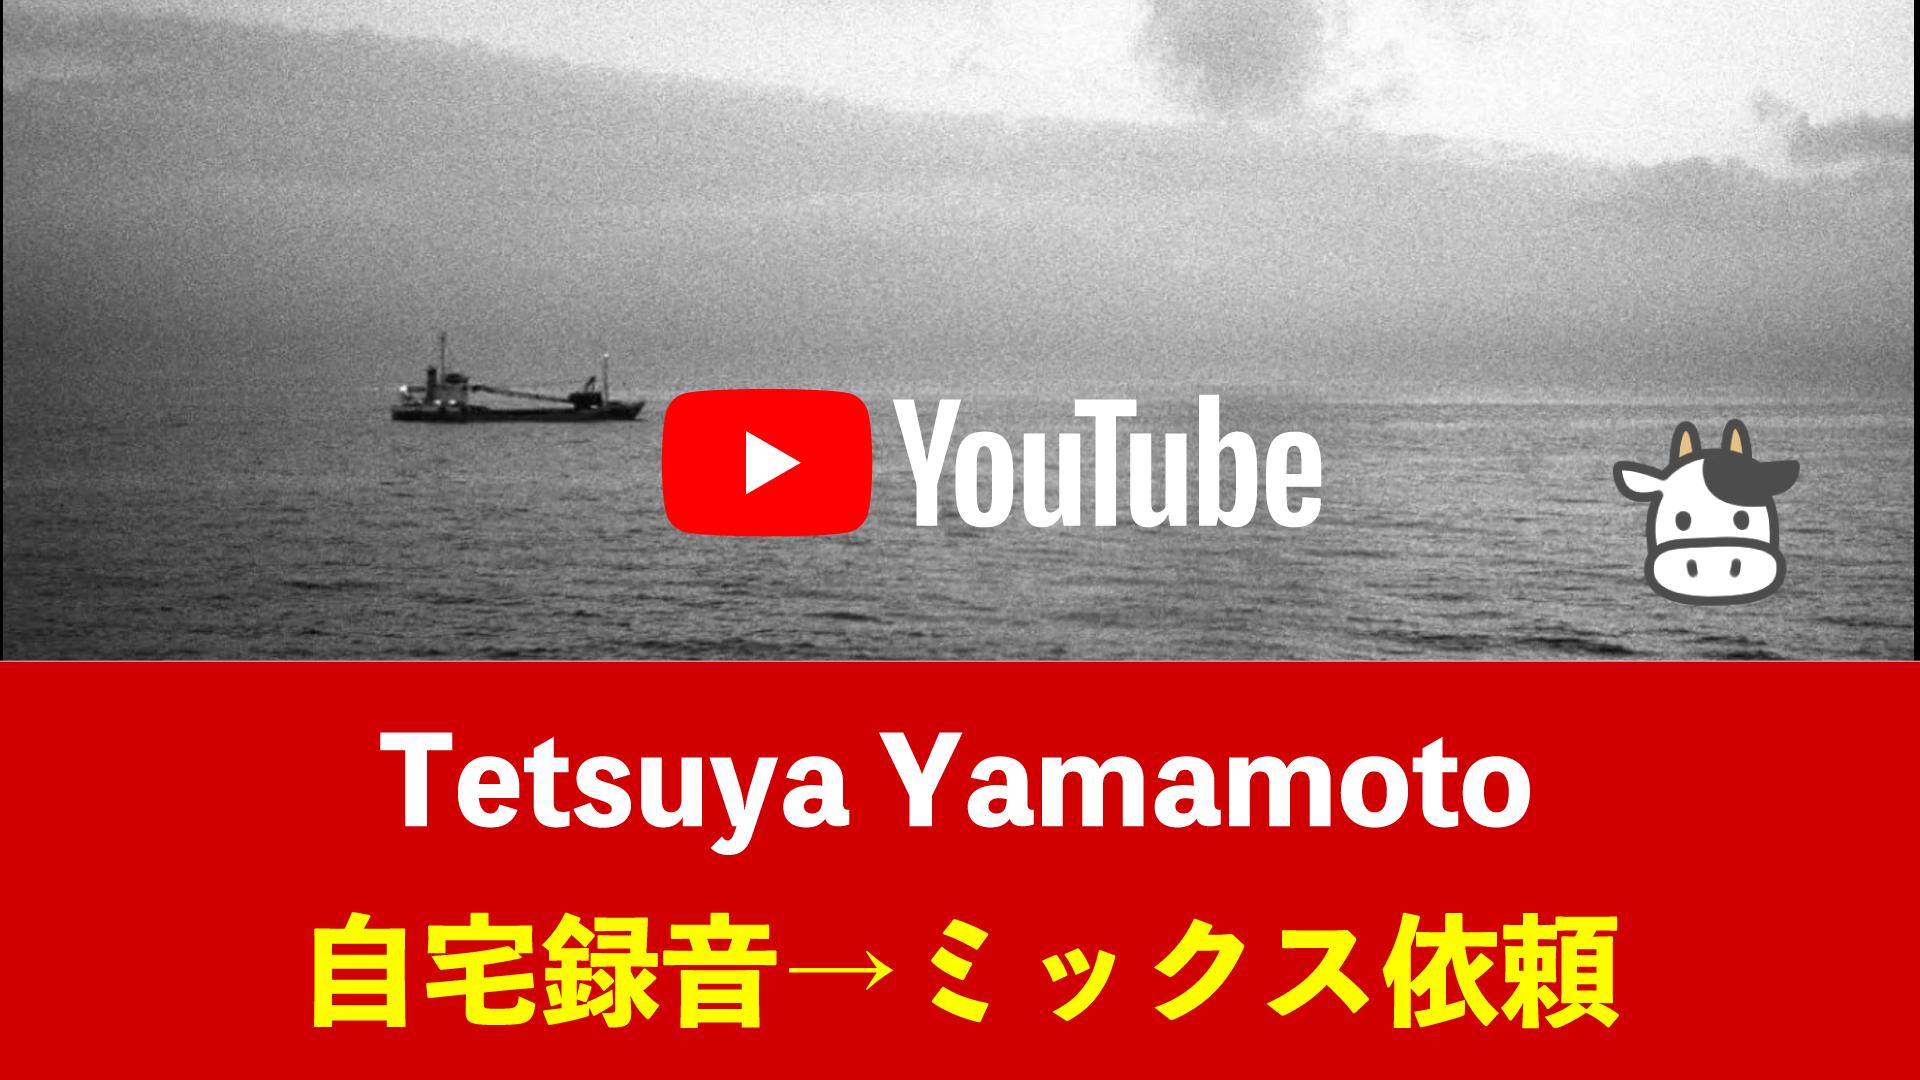 Tetsuya Yamamoto 宅録からのミックスマスタリング